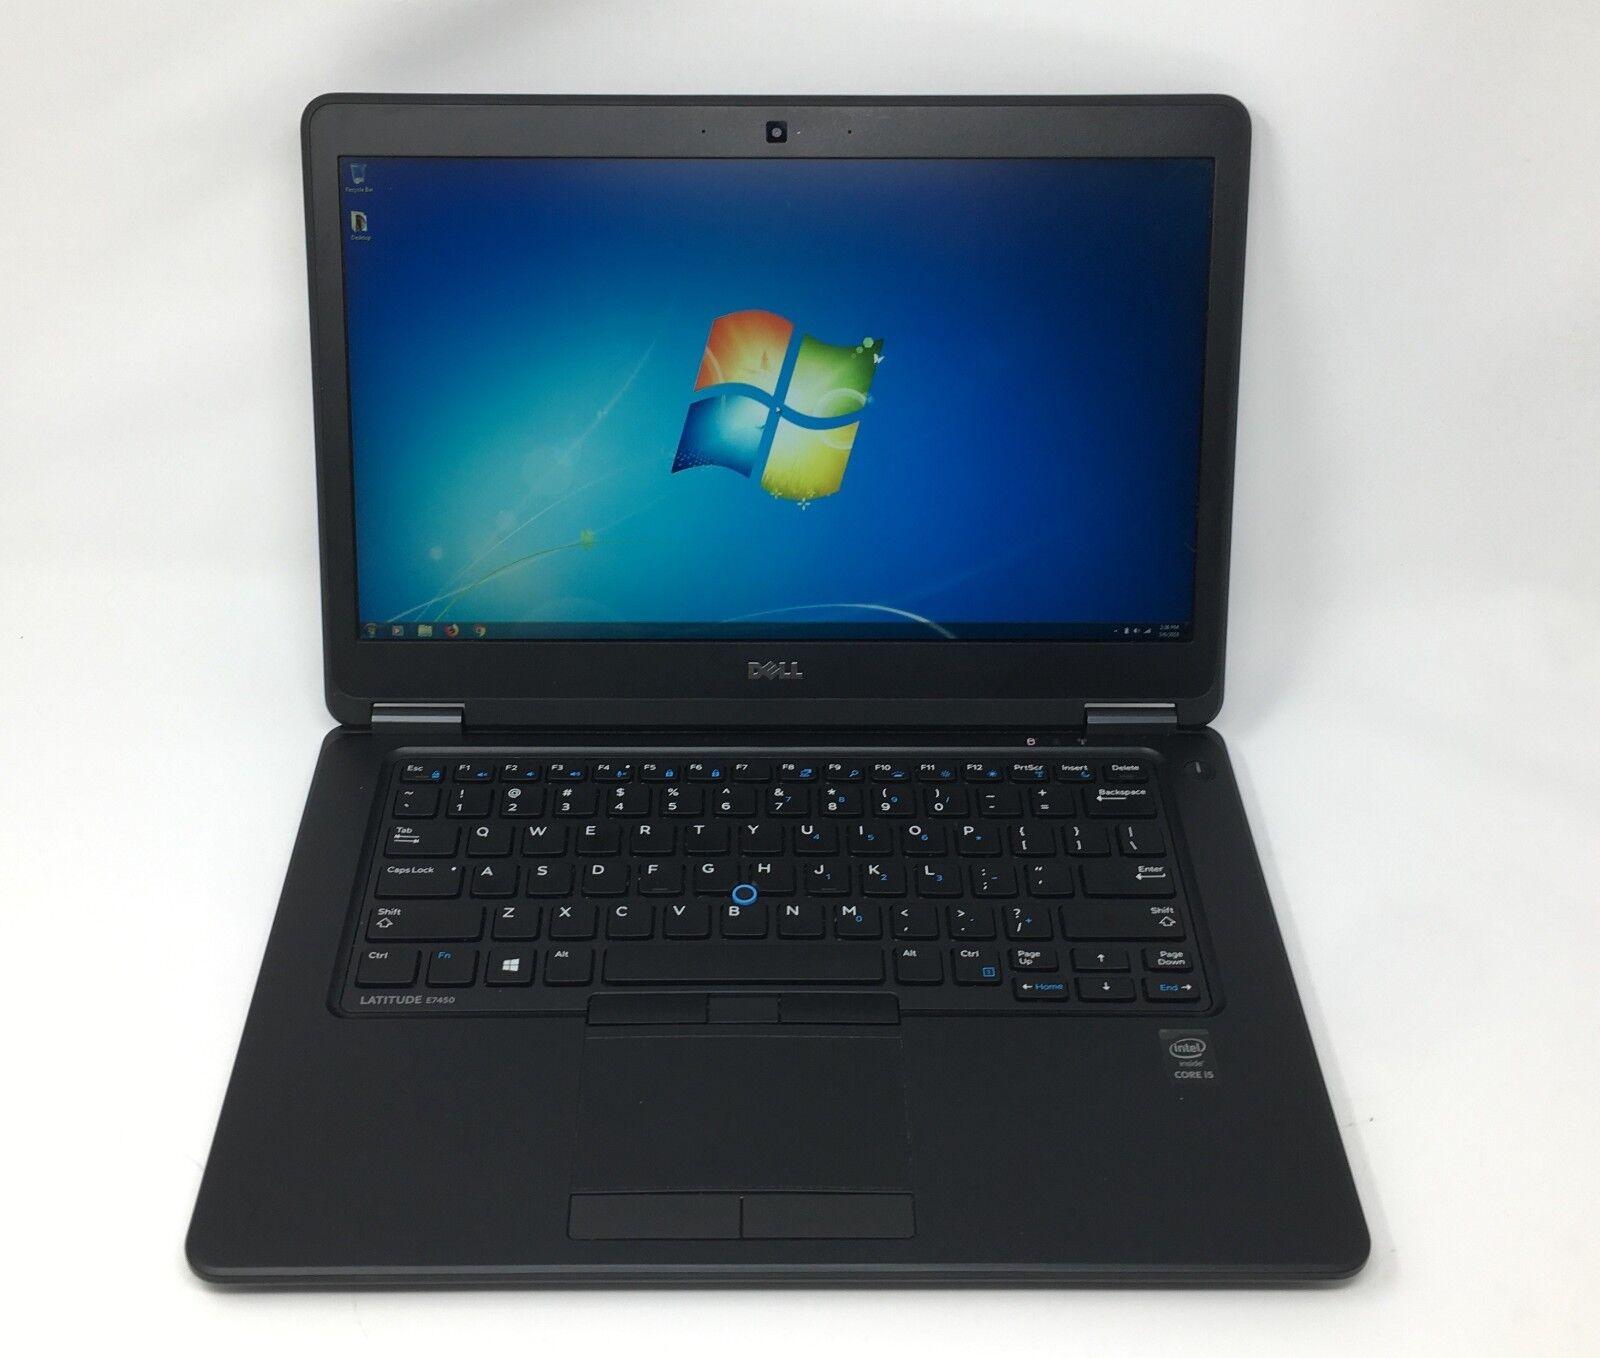 Dell Ultrabook E7450 Core i5-5300u 2.3GHz 8GB 128GB SSD Webcam 1080p Win7 Laptop